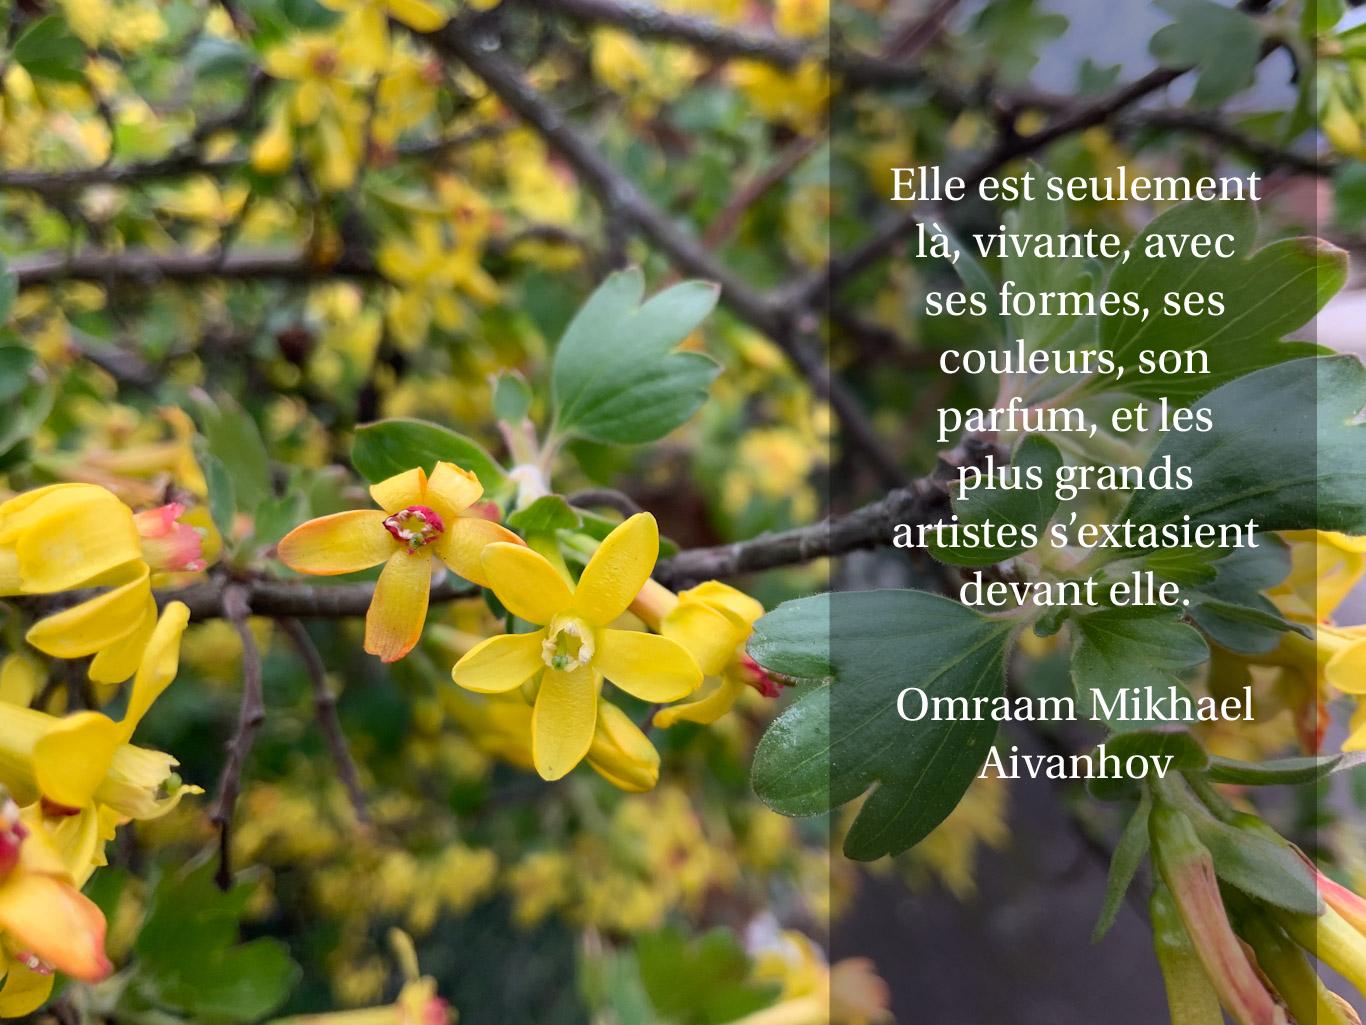 Citation sur les fleurs